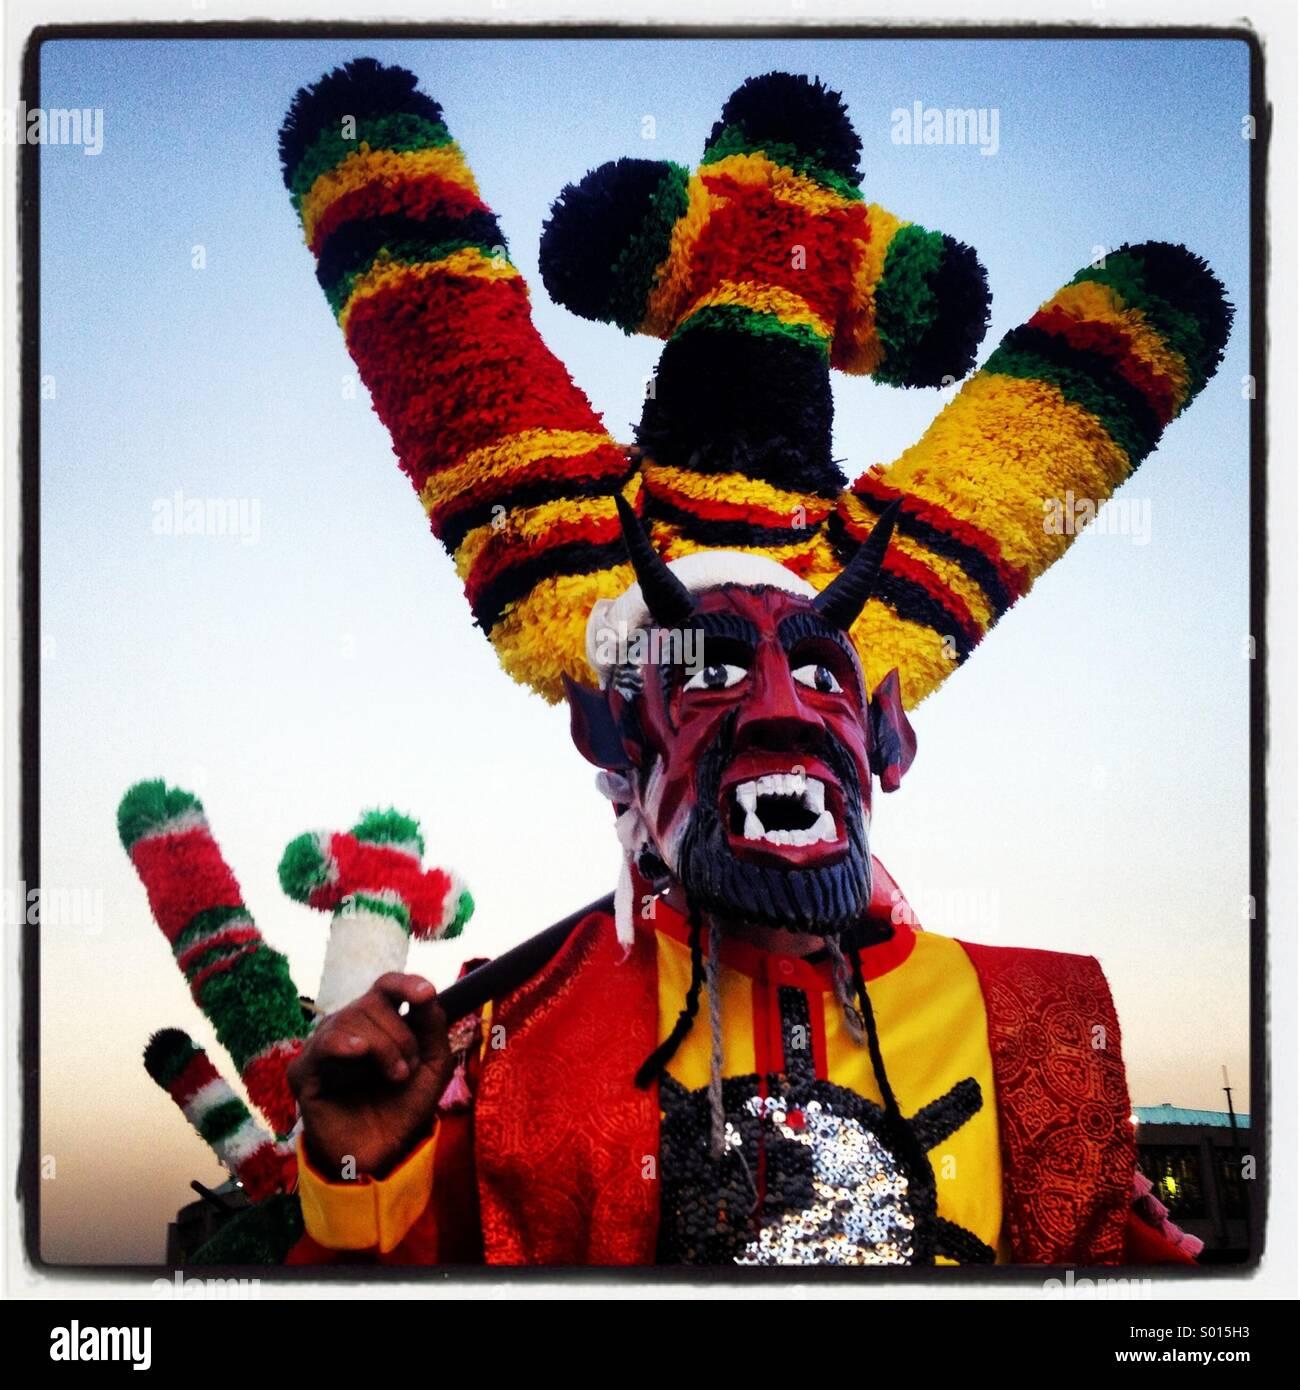 Ein maskierter Tänzer gekleidet wie ein rote Teufel während der Wallfahrt zu unserer lieben Frau von Guadalupe Stockbild